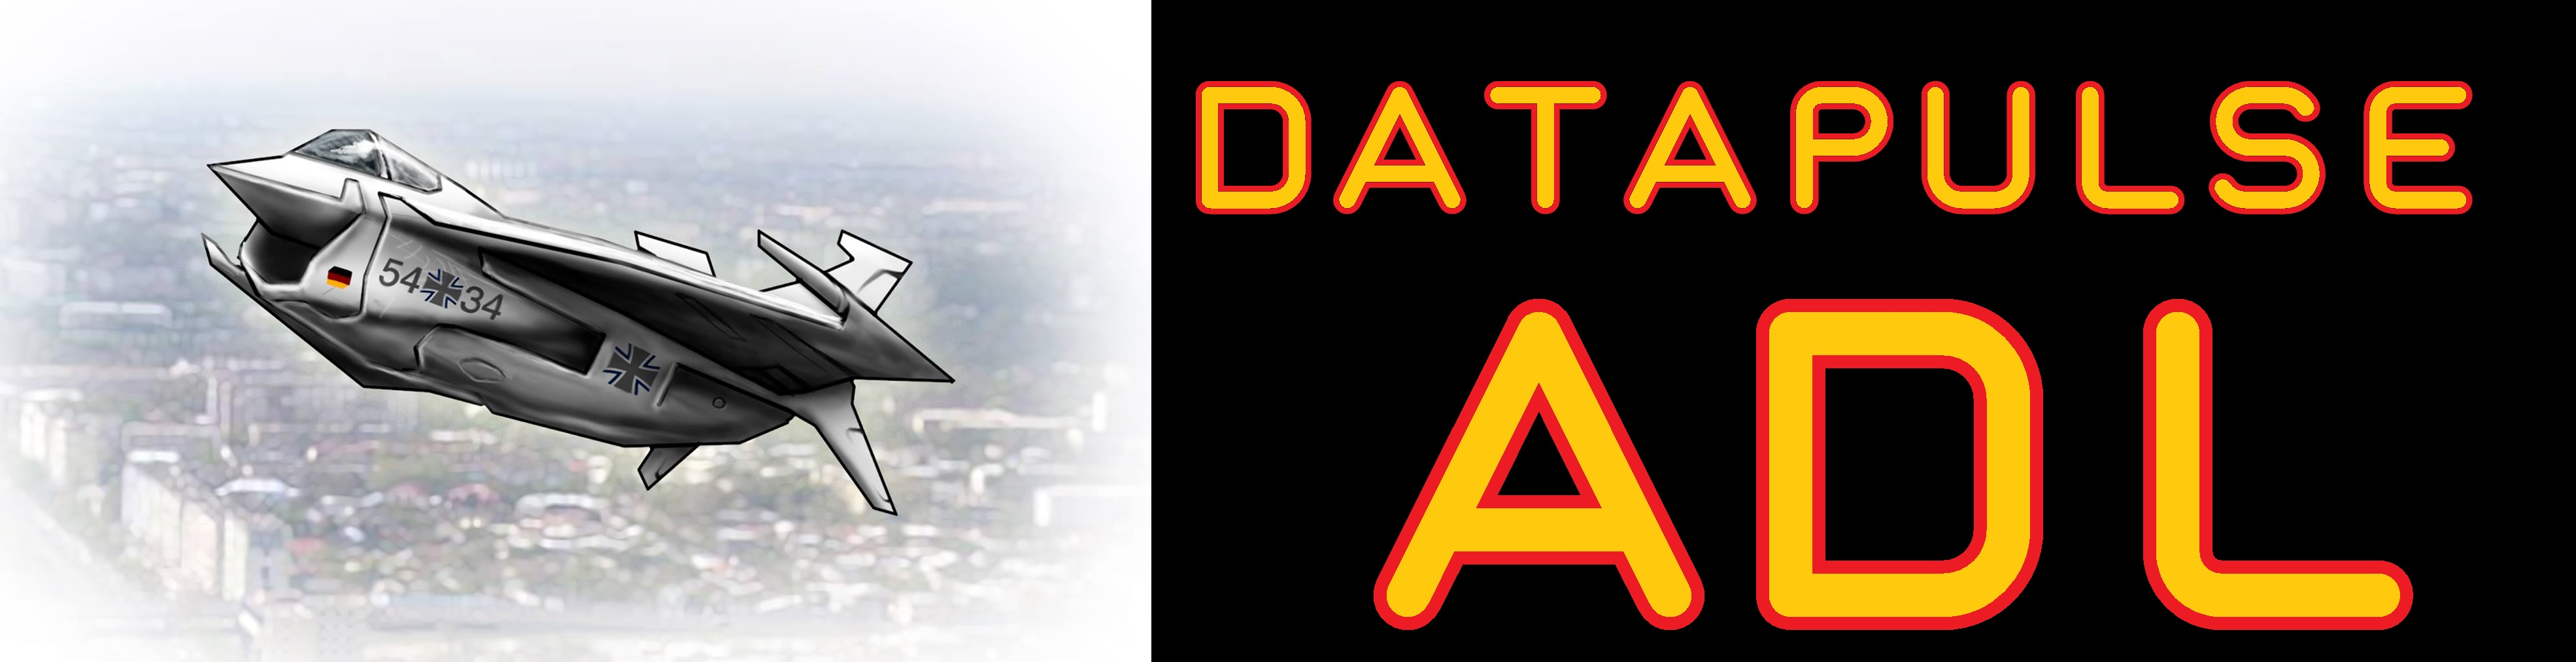 sr-datapulse-adl-pdf-promo.jpg